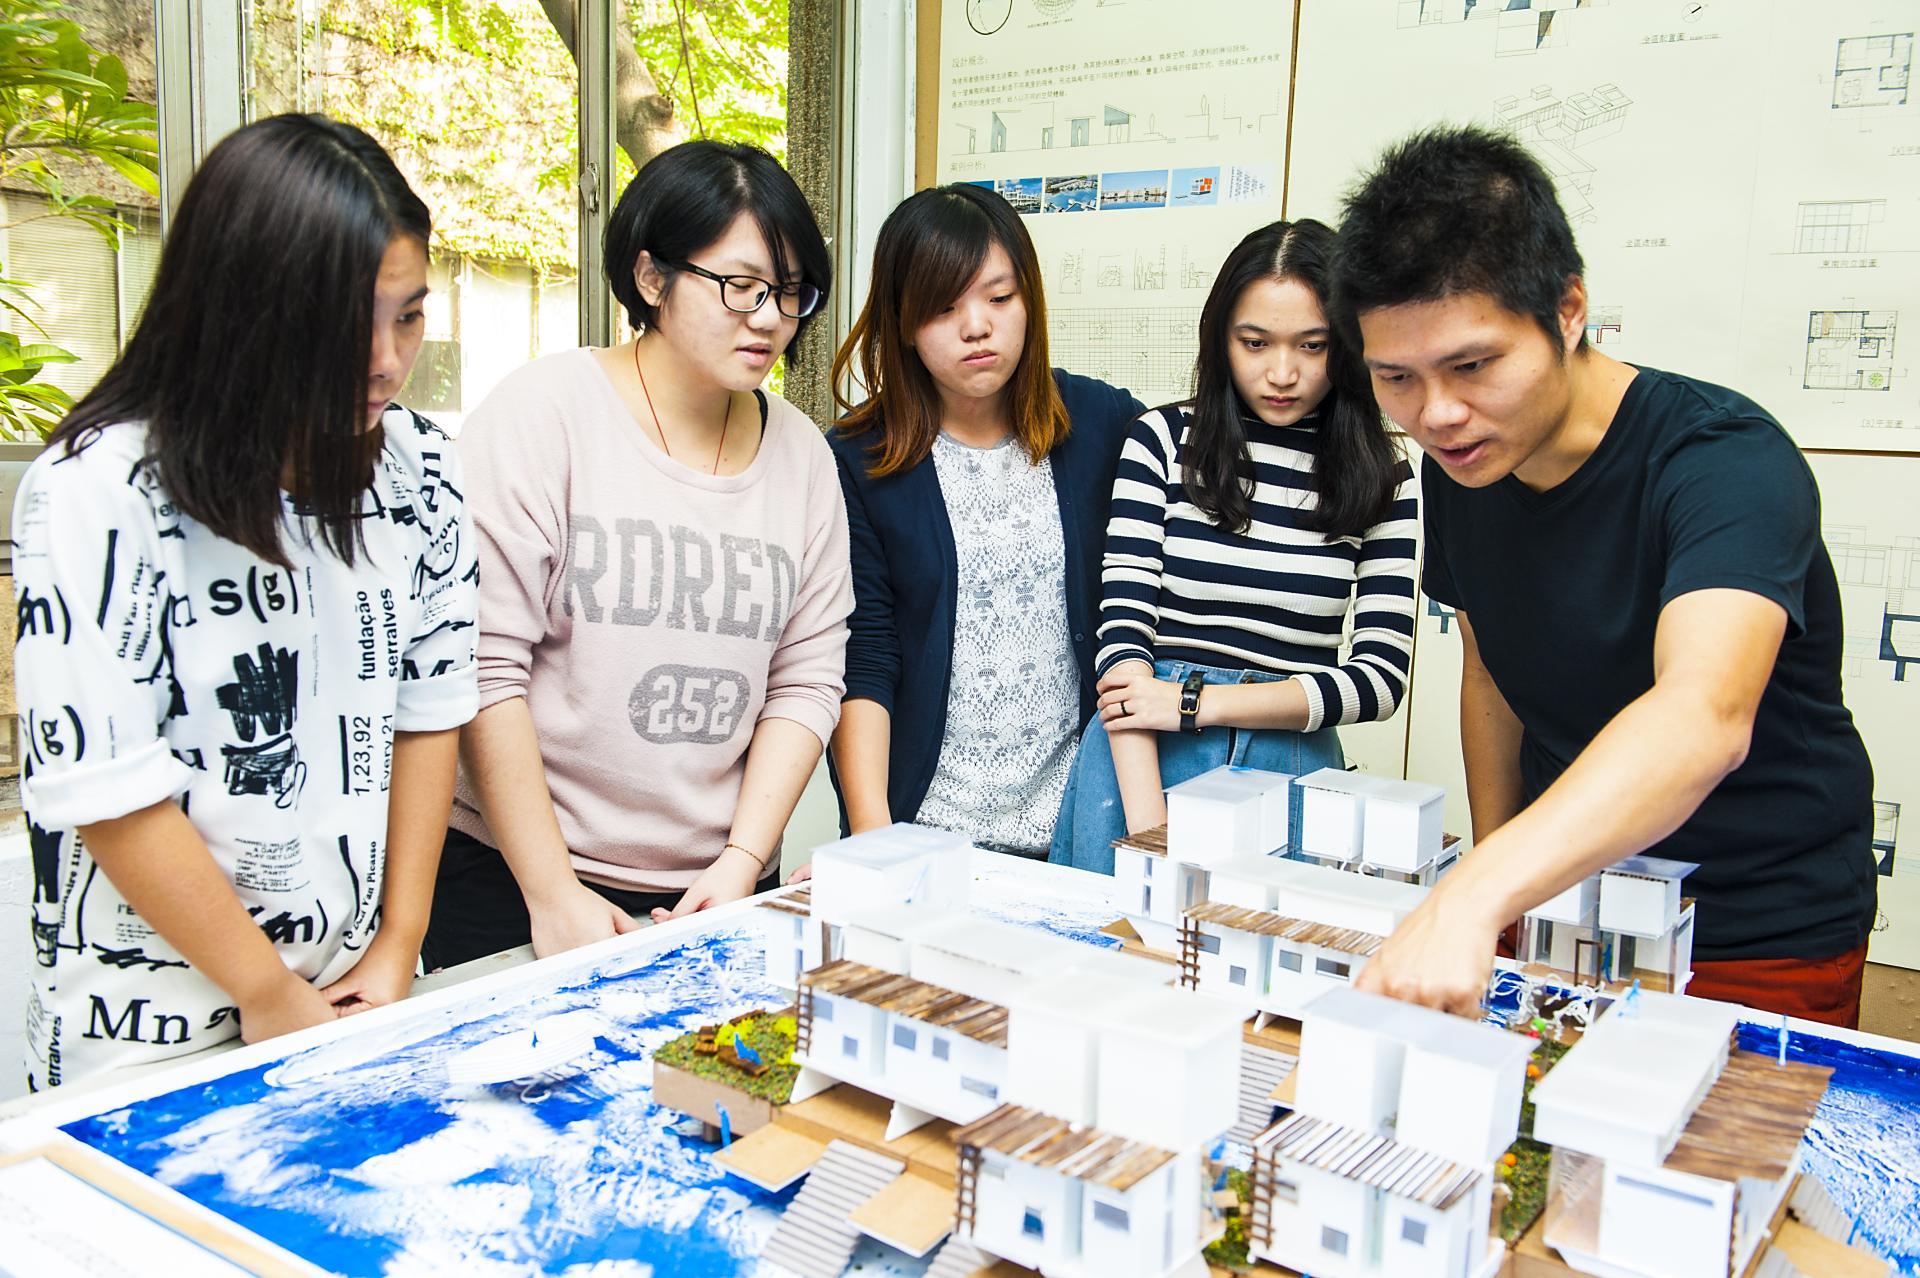 2016兩岸四地百強大學 中原大學連續6年穩居臺灣私校龍頭